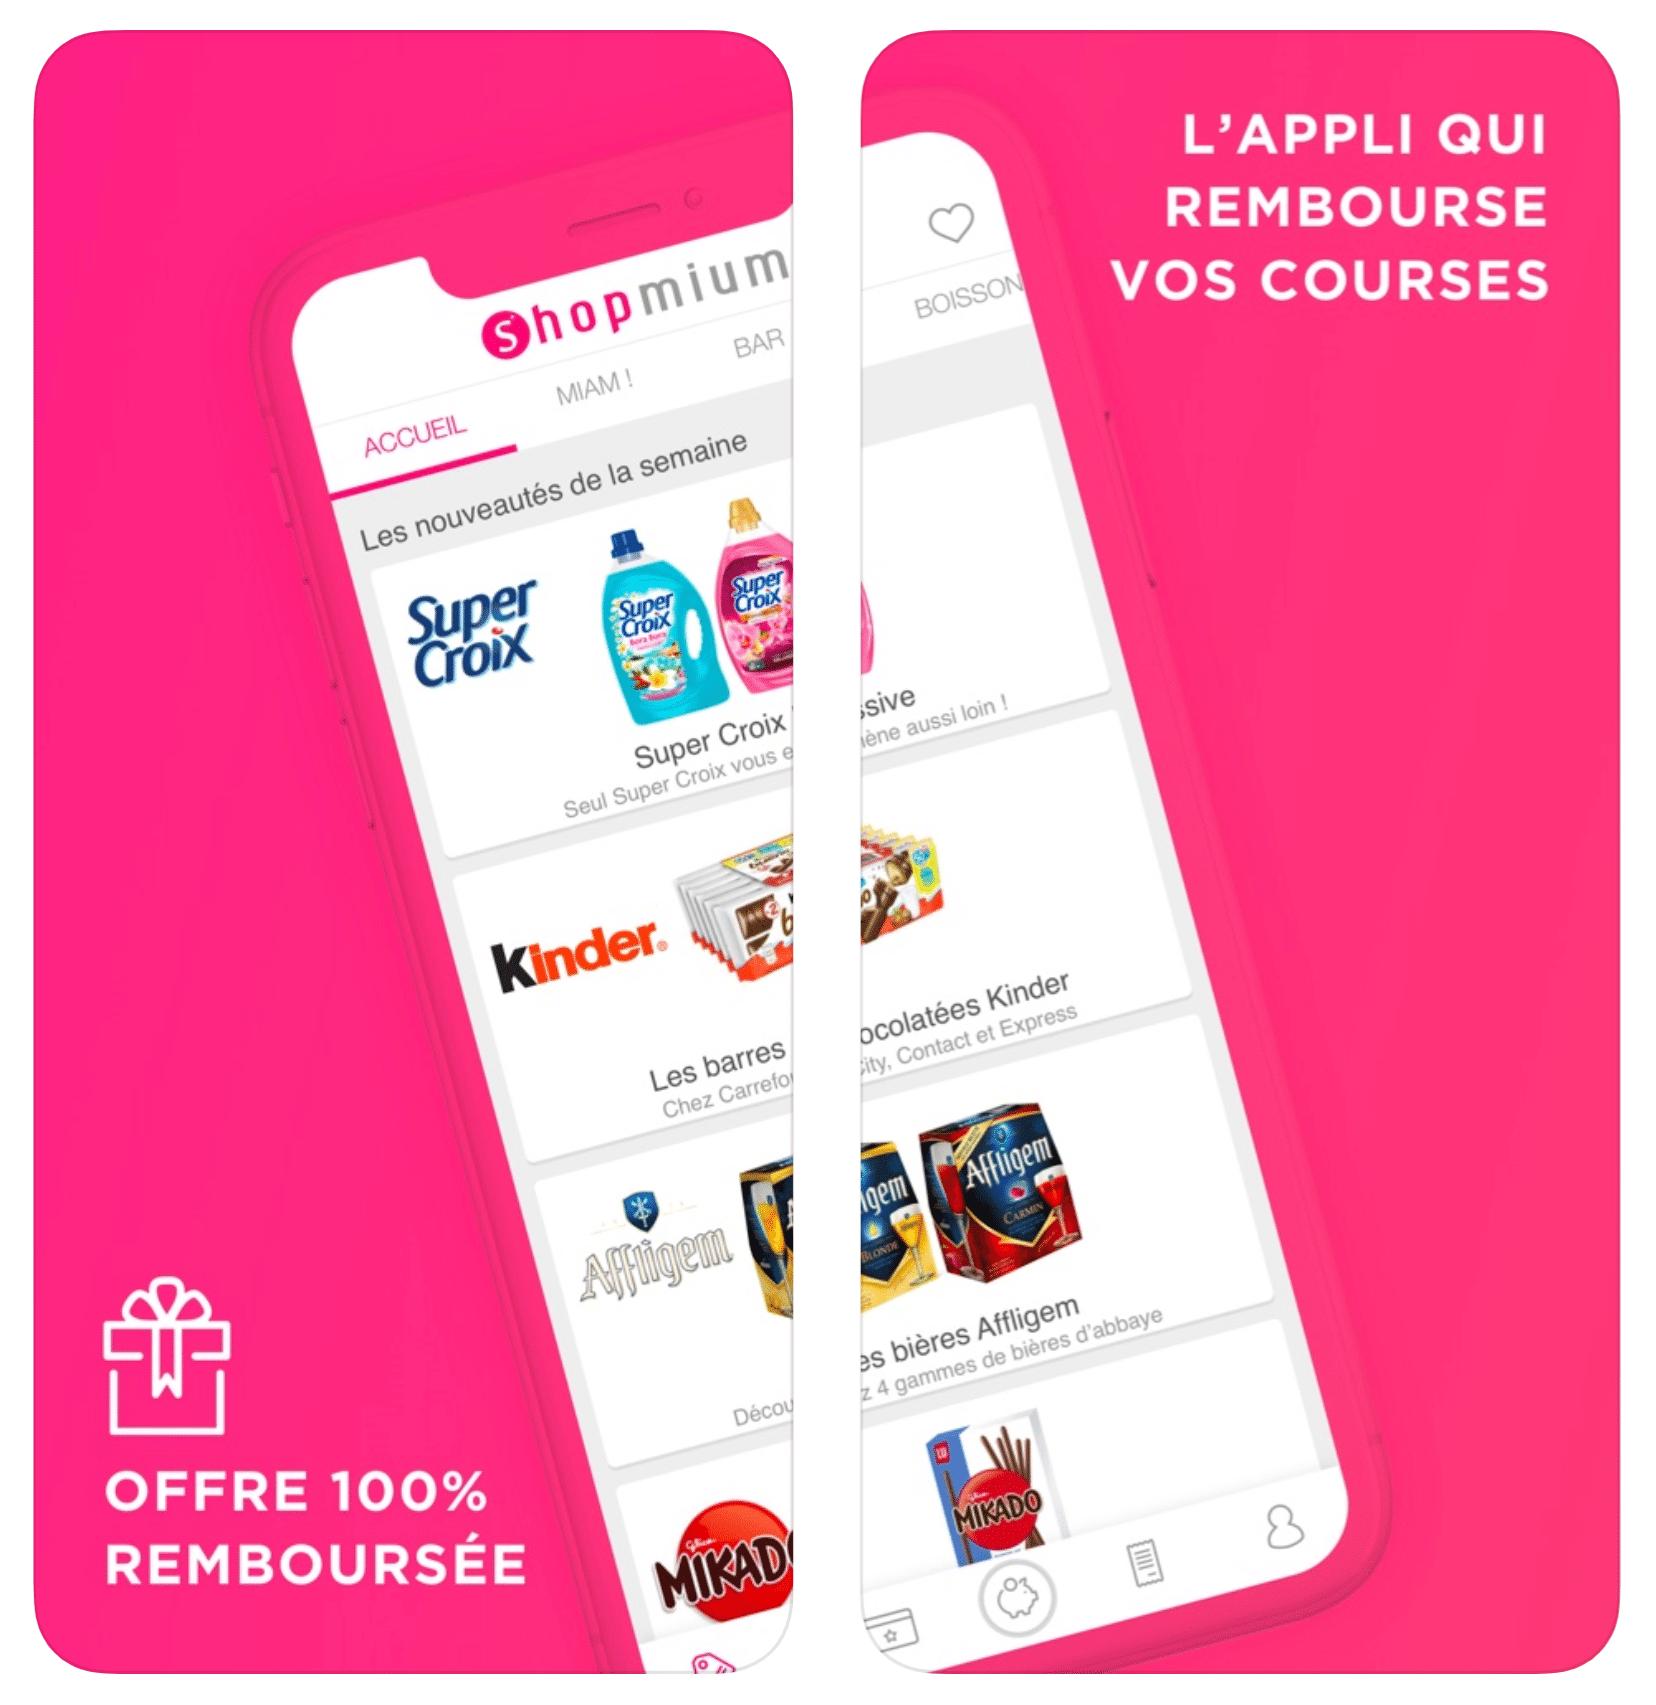 Astuces Pour Faire Des Économies Sur Les Courses 3 applications et sites qui remboursent vos courses en belgique